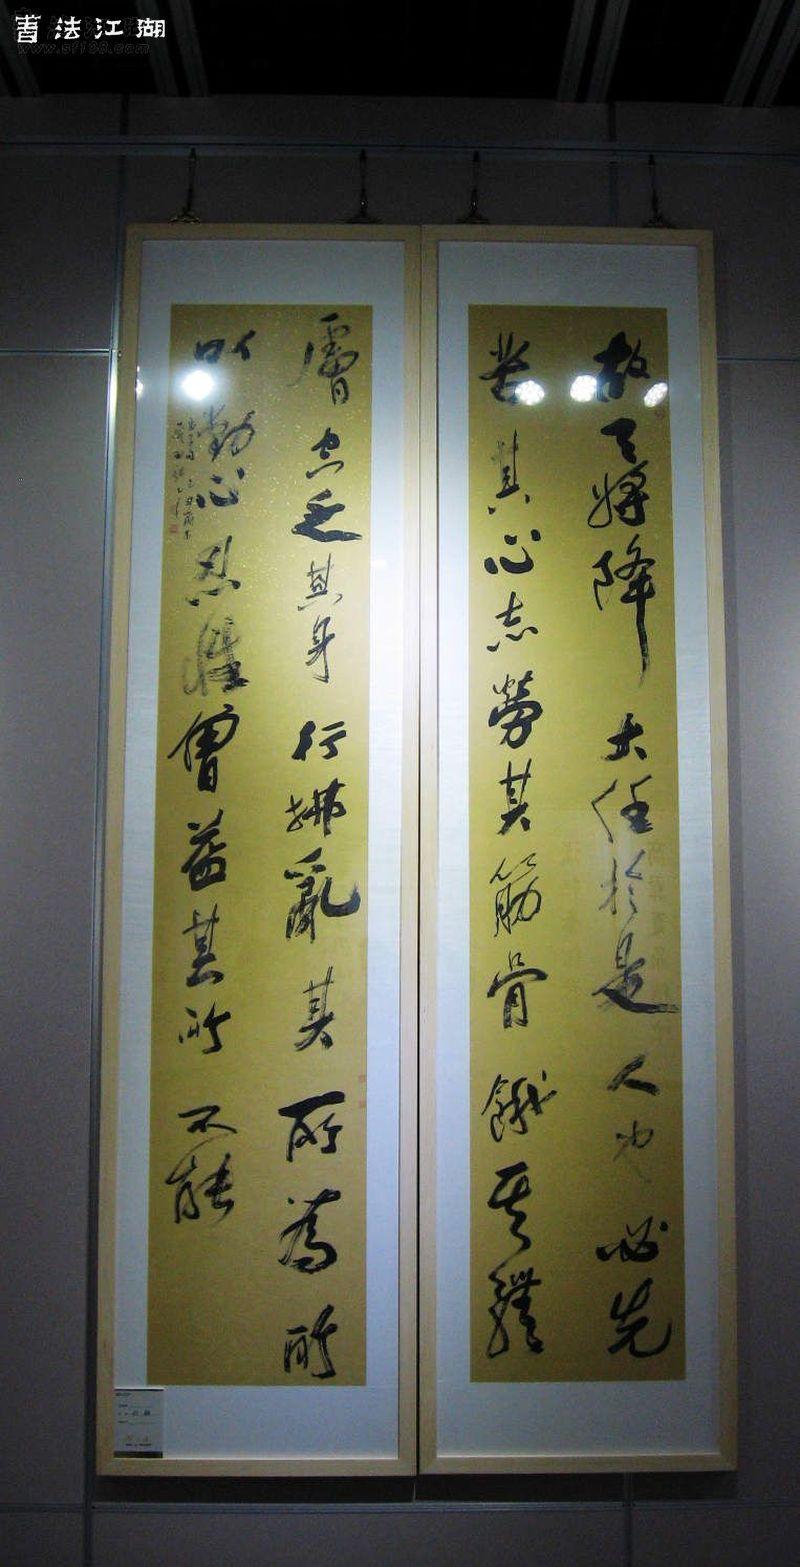 3孟子名句  刘毅大字(86岁,八尺,沧州博物馆馆藏)书法内容:故天将降大任于是人也,.jpg